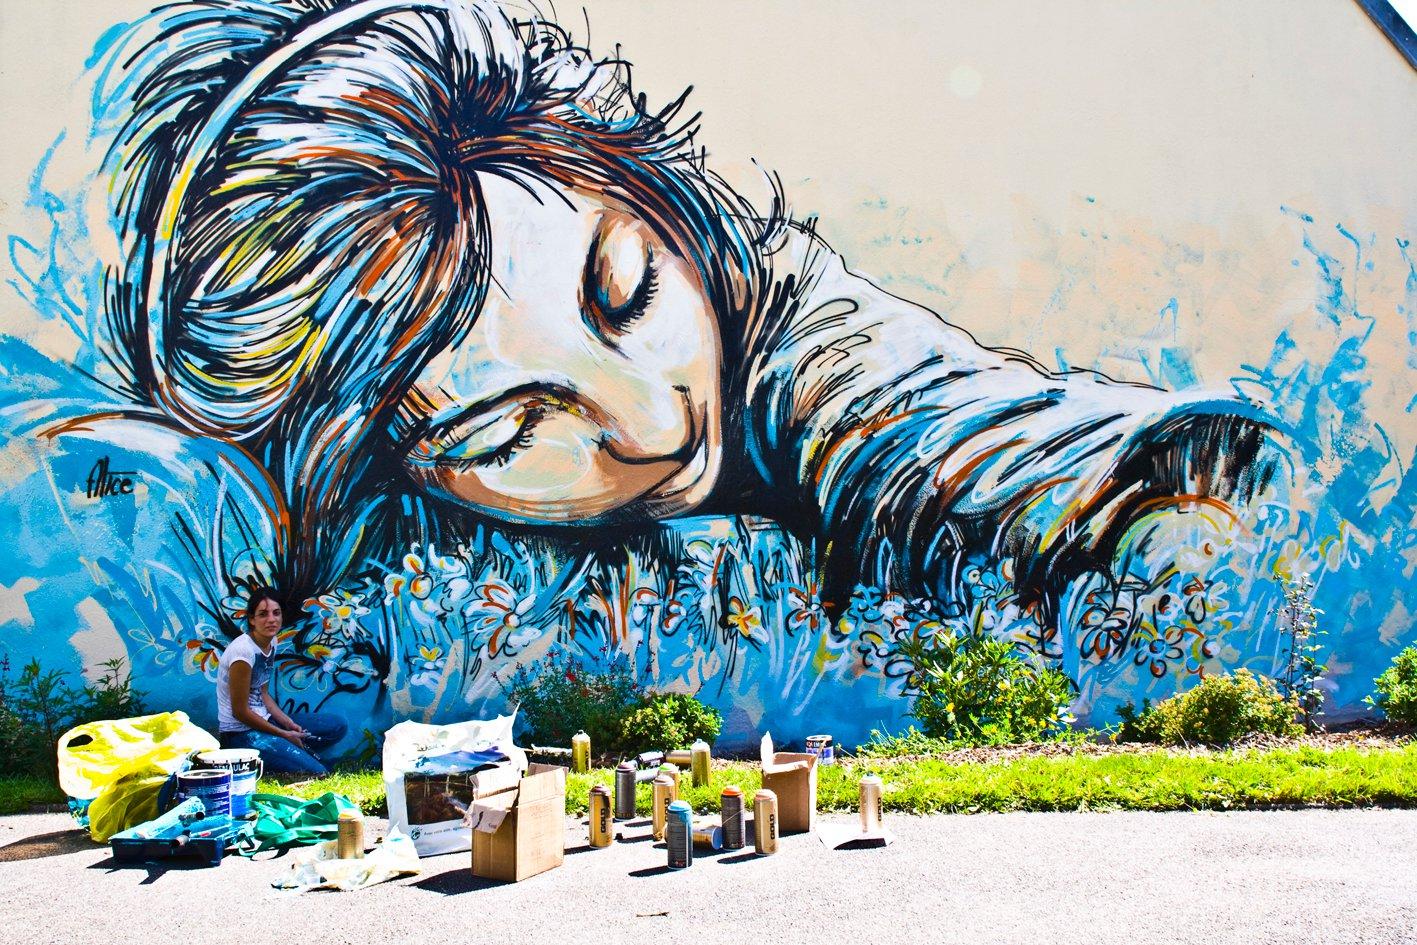 Alice pasquini street artist romana for Immagini graffiti hd